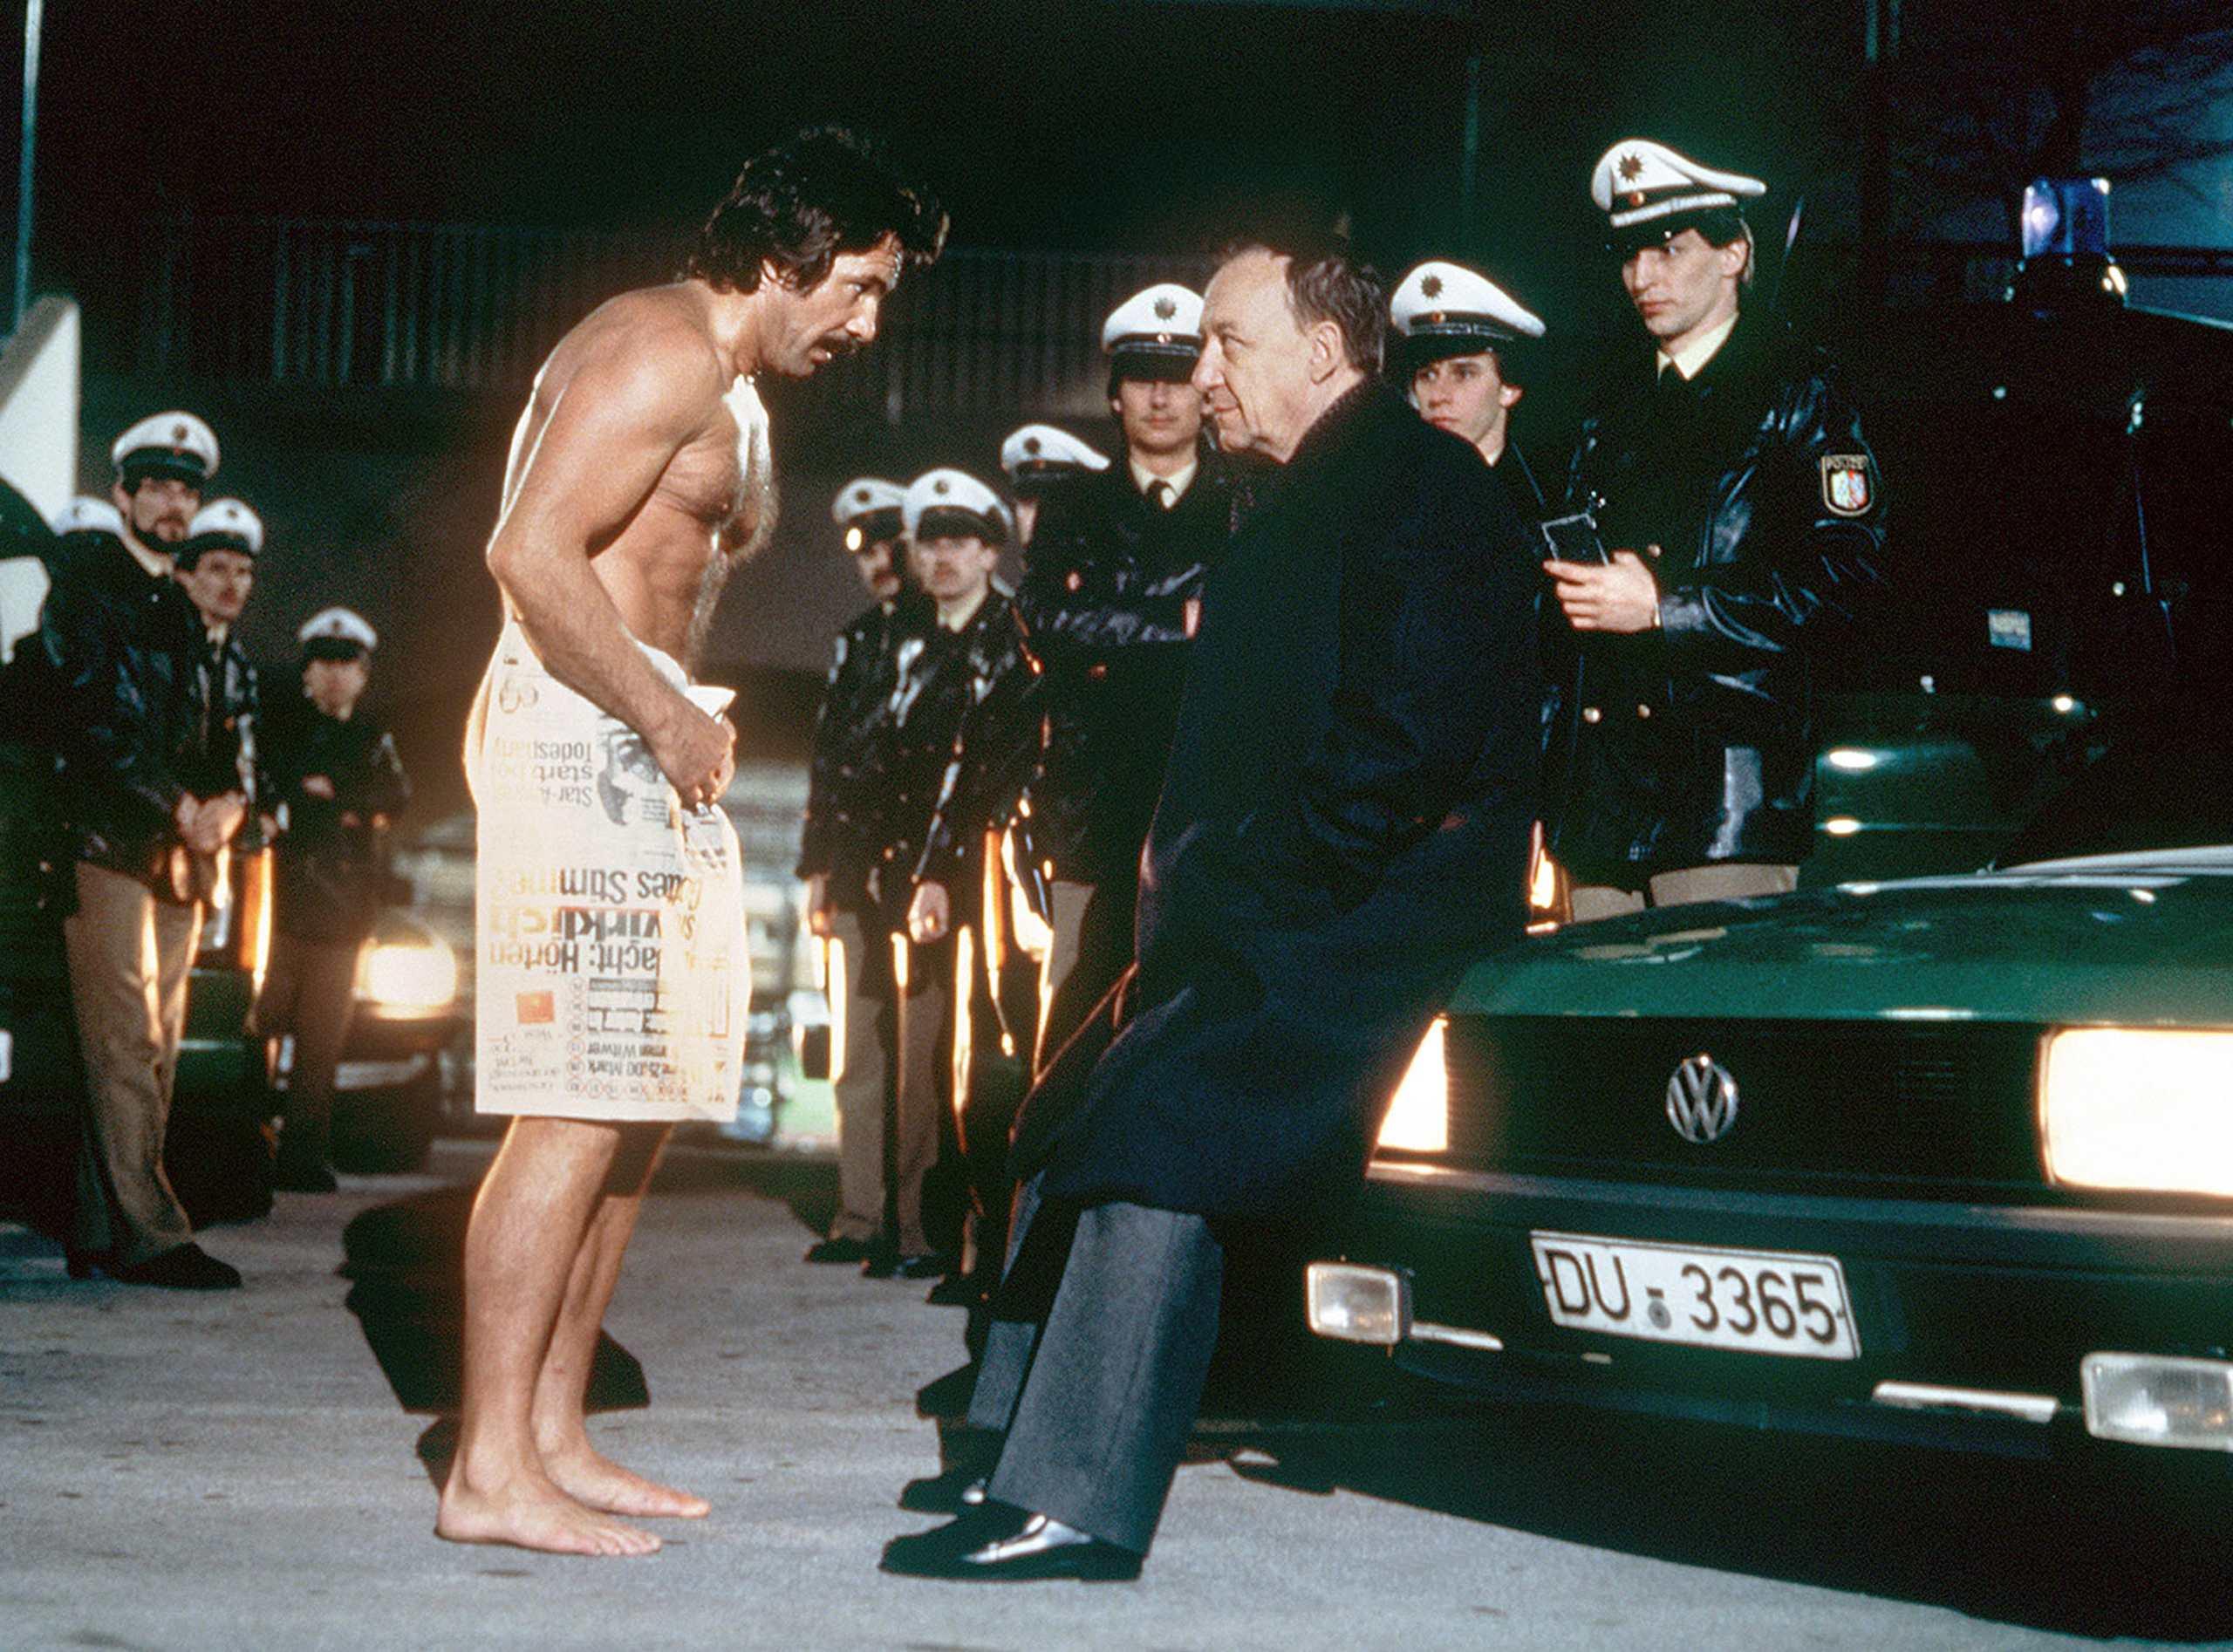 """""""Tatort""""-Kommissar Horst Schimanski, gespielt von Götz George, steht nur mit einem Handtuch bekleidet vor seinen teilweise amüsierten Kollegen"""